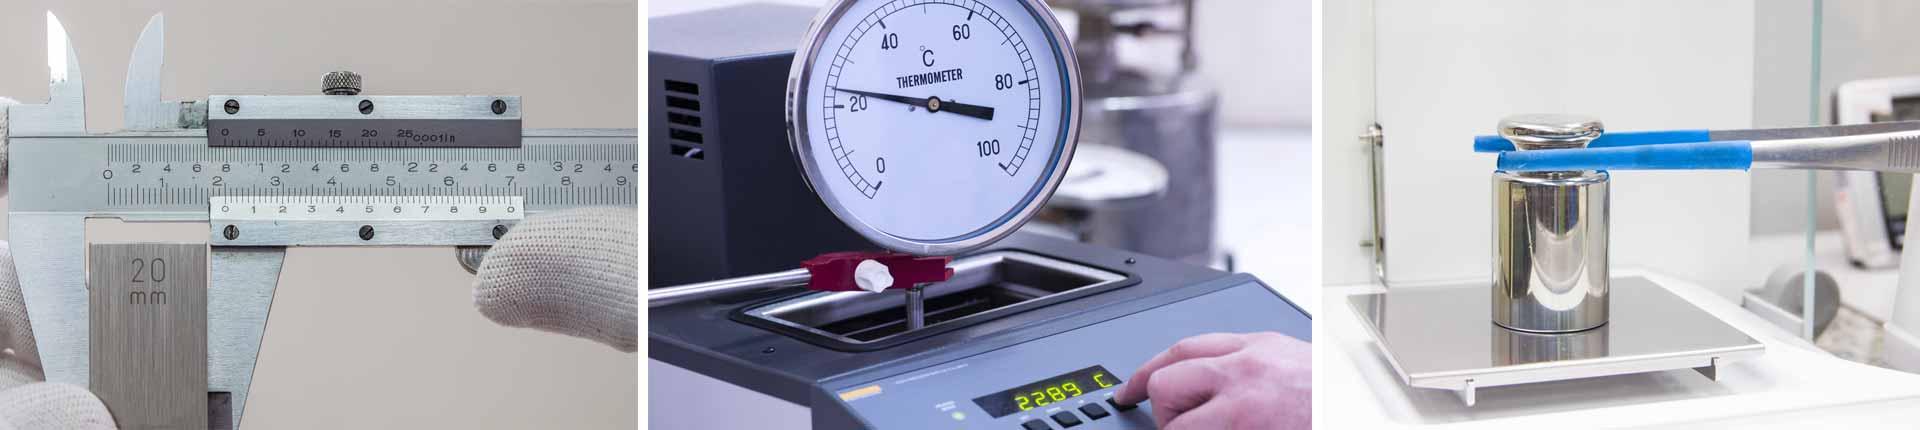 כיול מכשירים - תמונות המדגימות כיול מכשירי מדידה